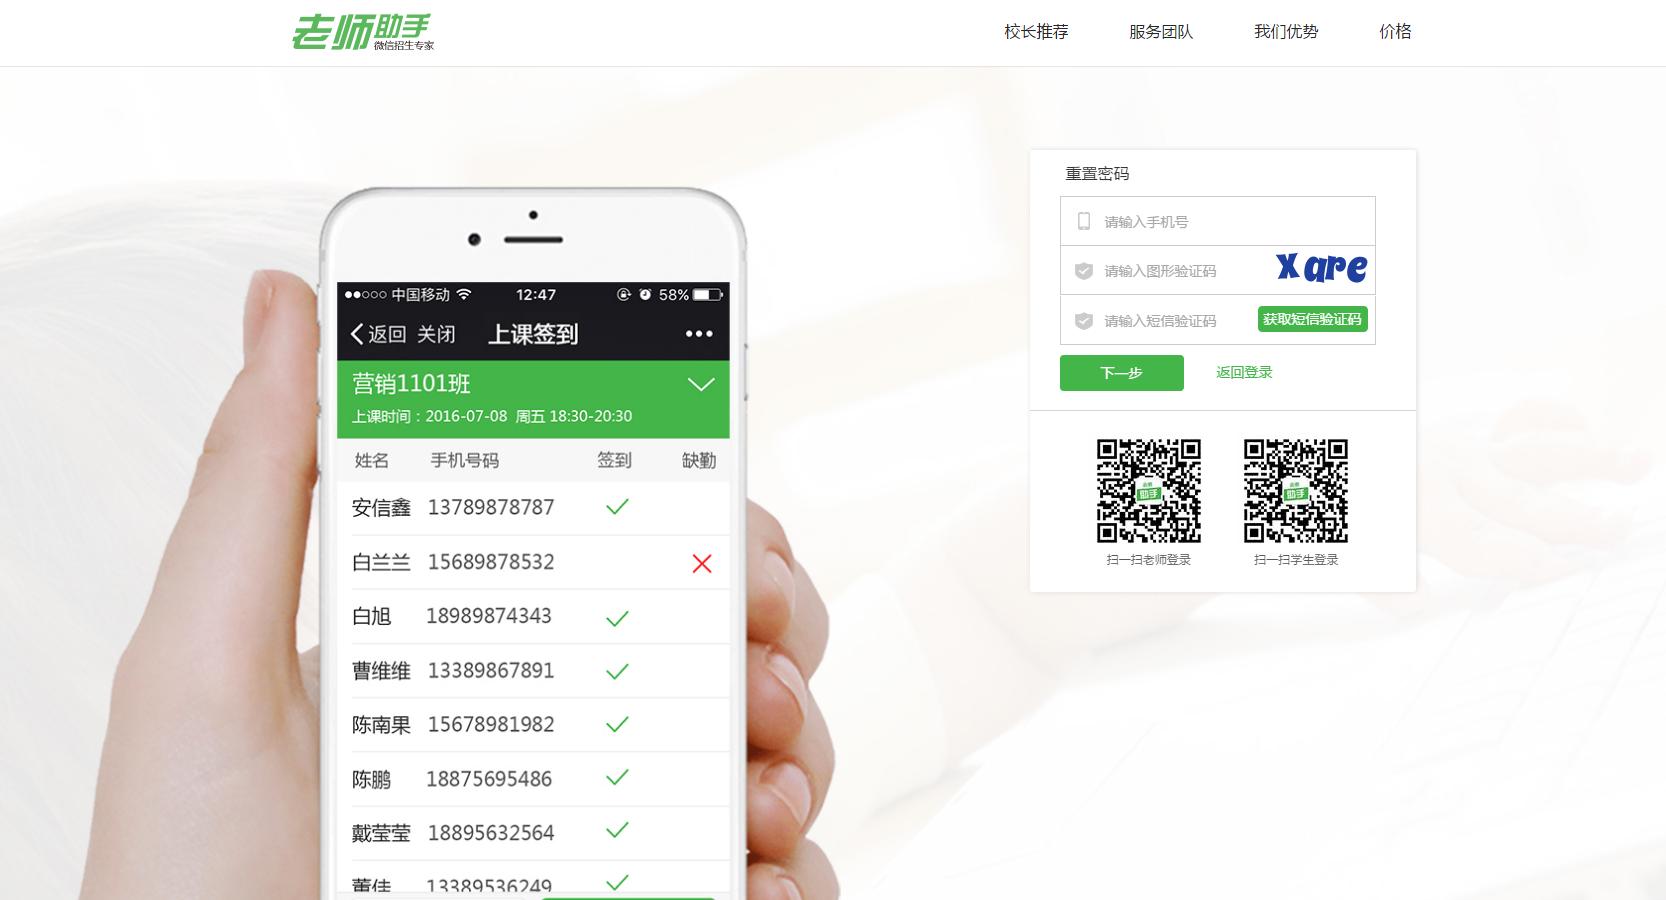 http://dongxiapp.img-cn-hangzhou.aliyuncs.com/images/2018/04/1523946609004.png